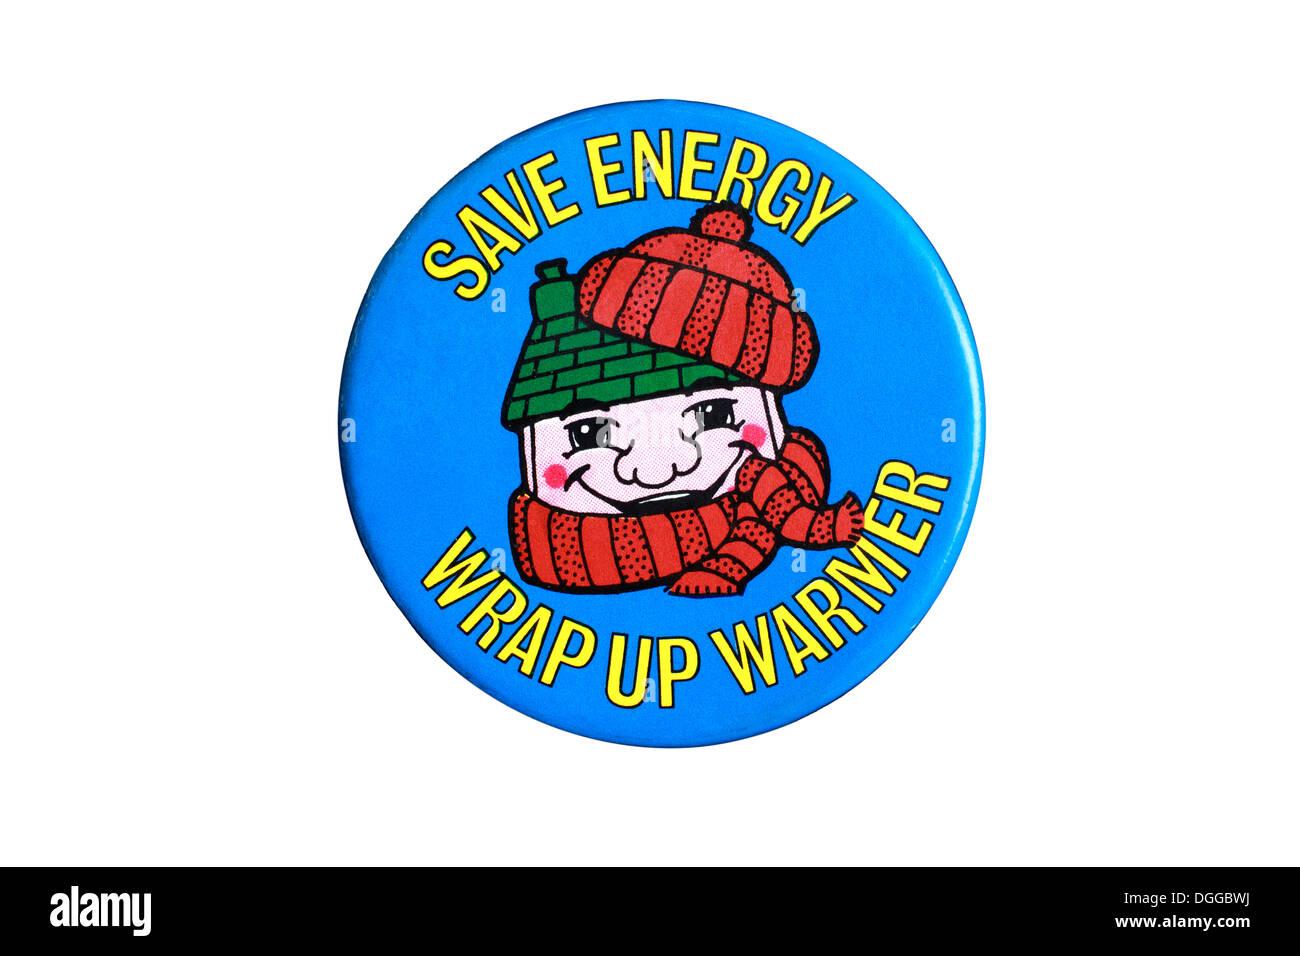 'Guardar energía - Envuelva cálido' - conservación de energía insignia de alrededor de 1980. Más info en breve... Imagen De Stock